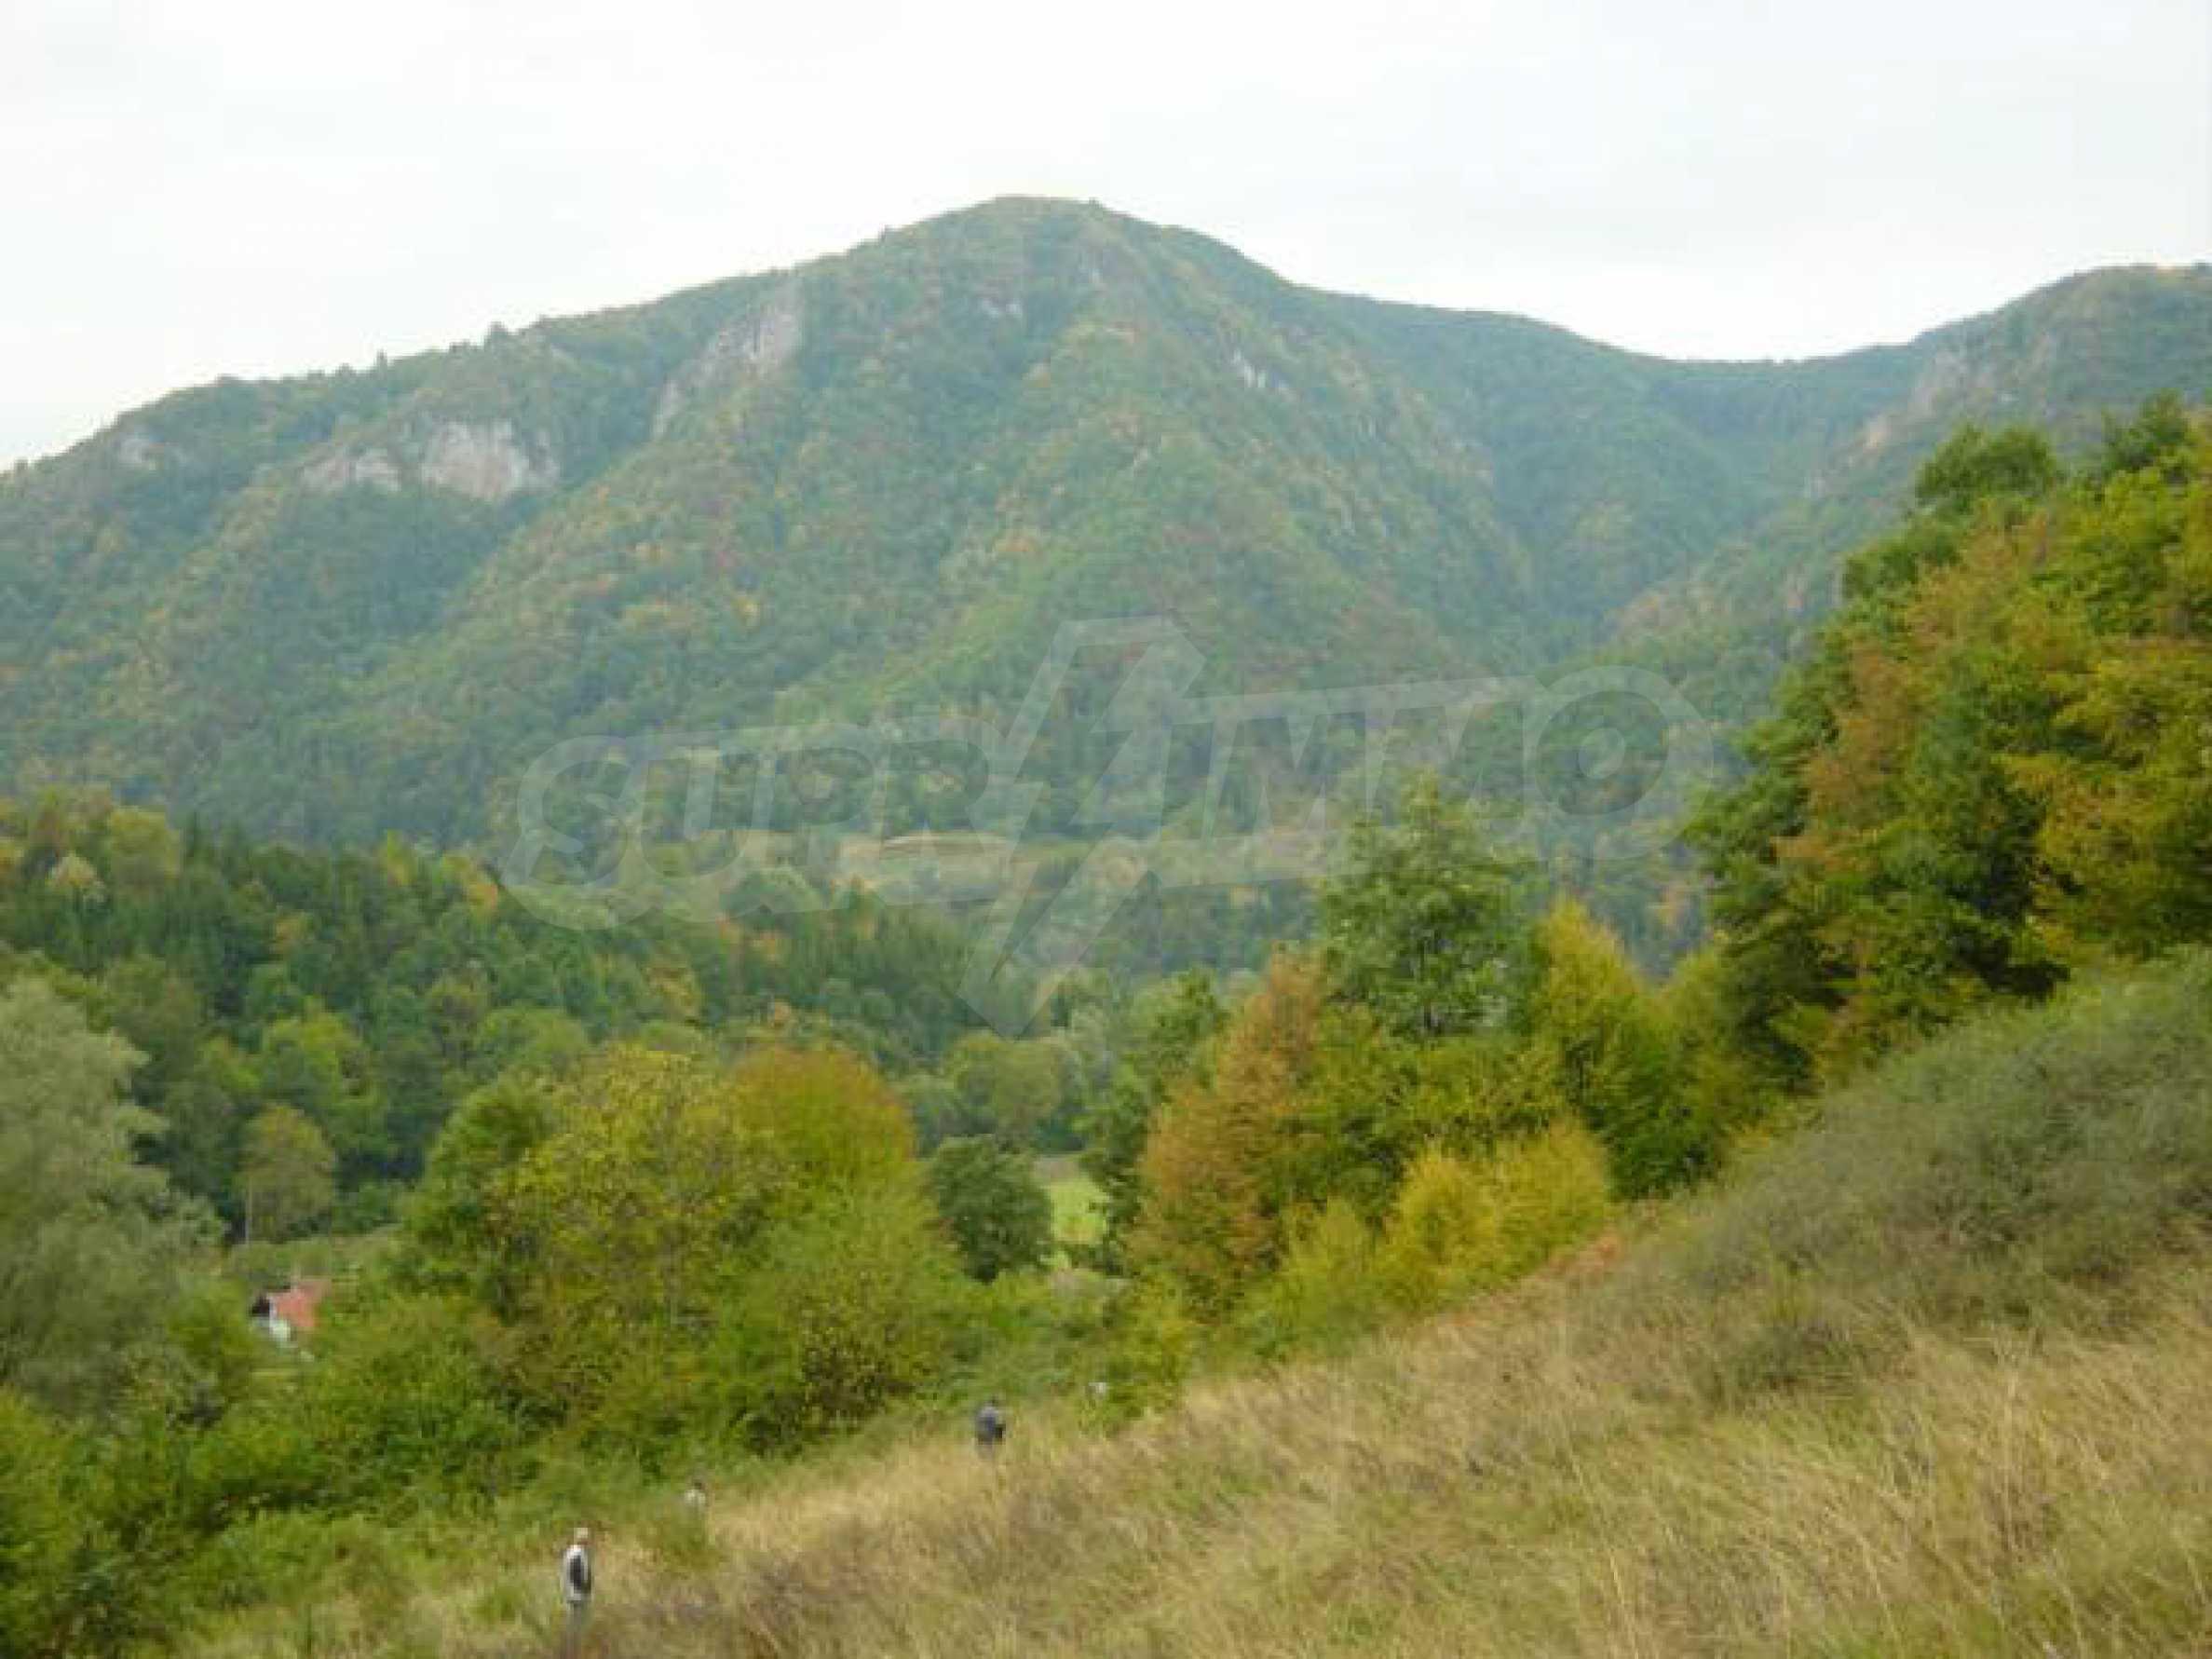 Ackerland inmitten der wunderschönen Natur des Teteven Balkan